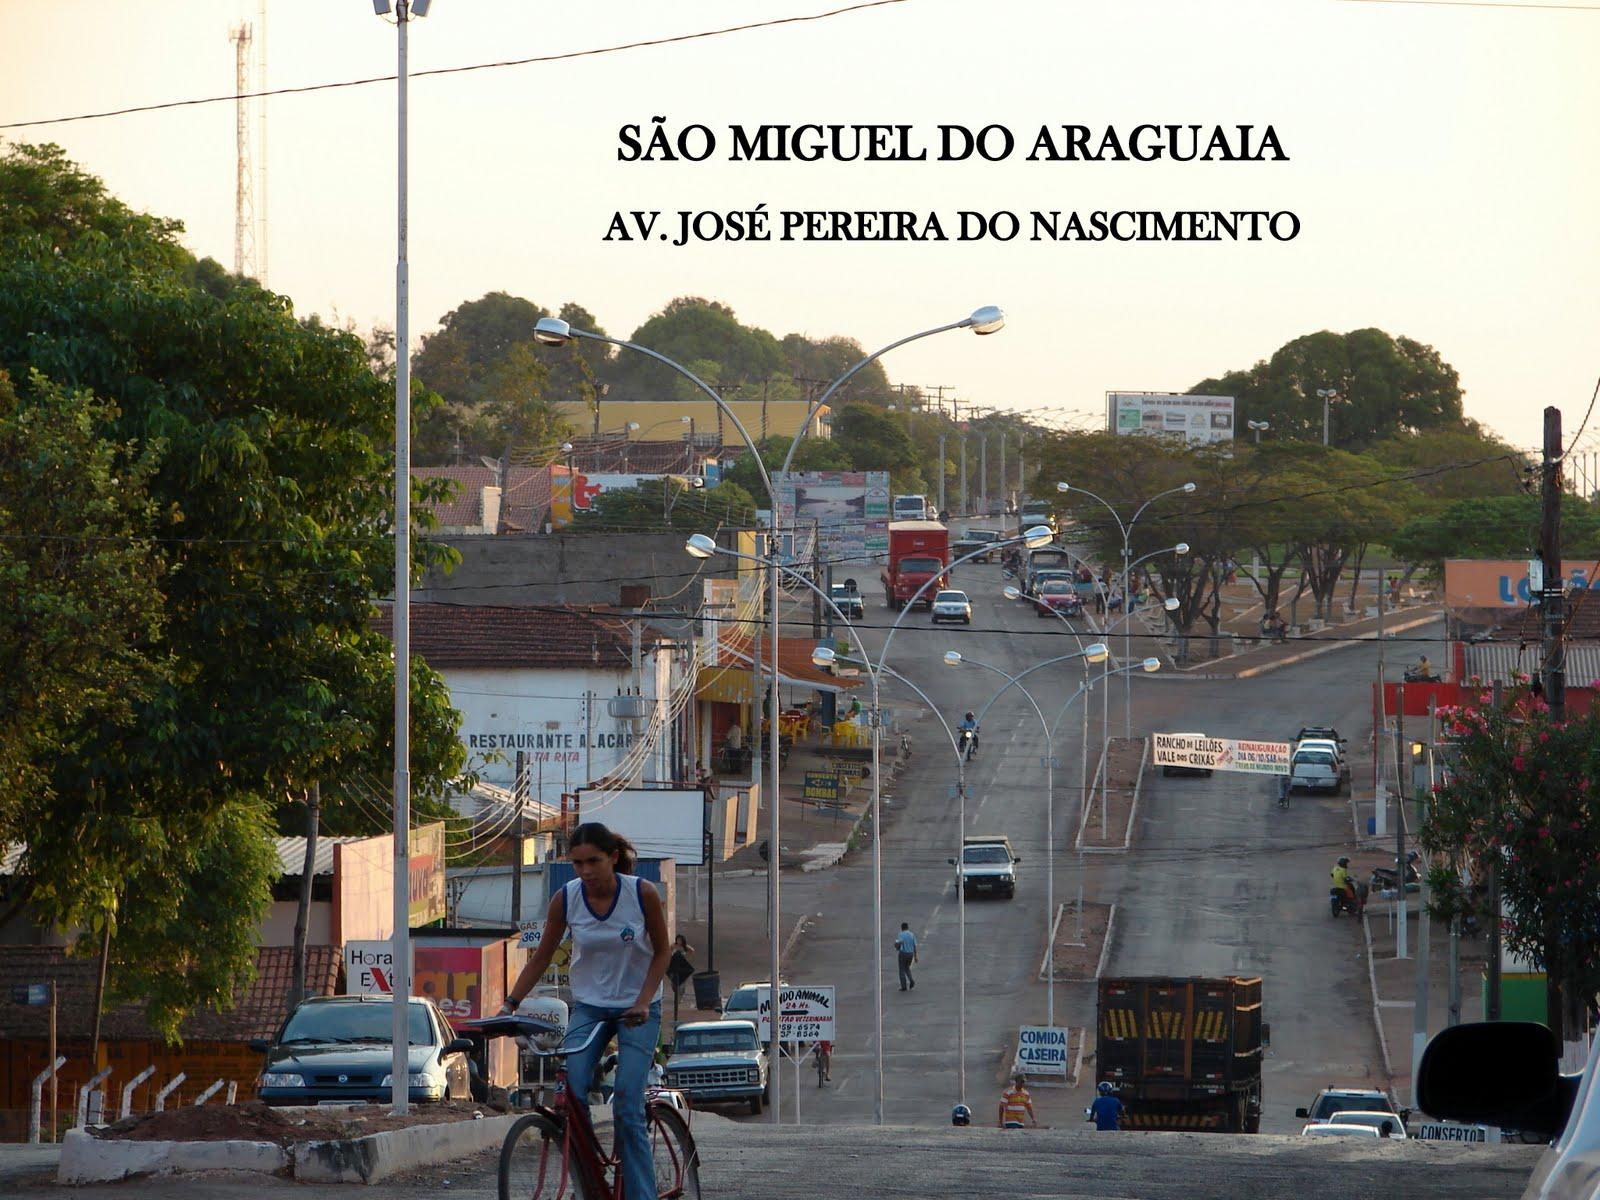 Sao Miguel do Araguaia (BR) skank